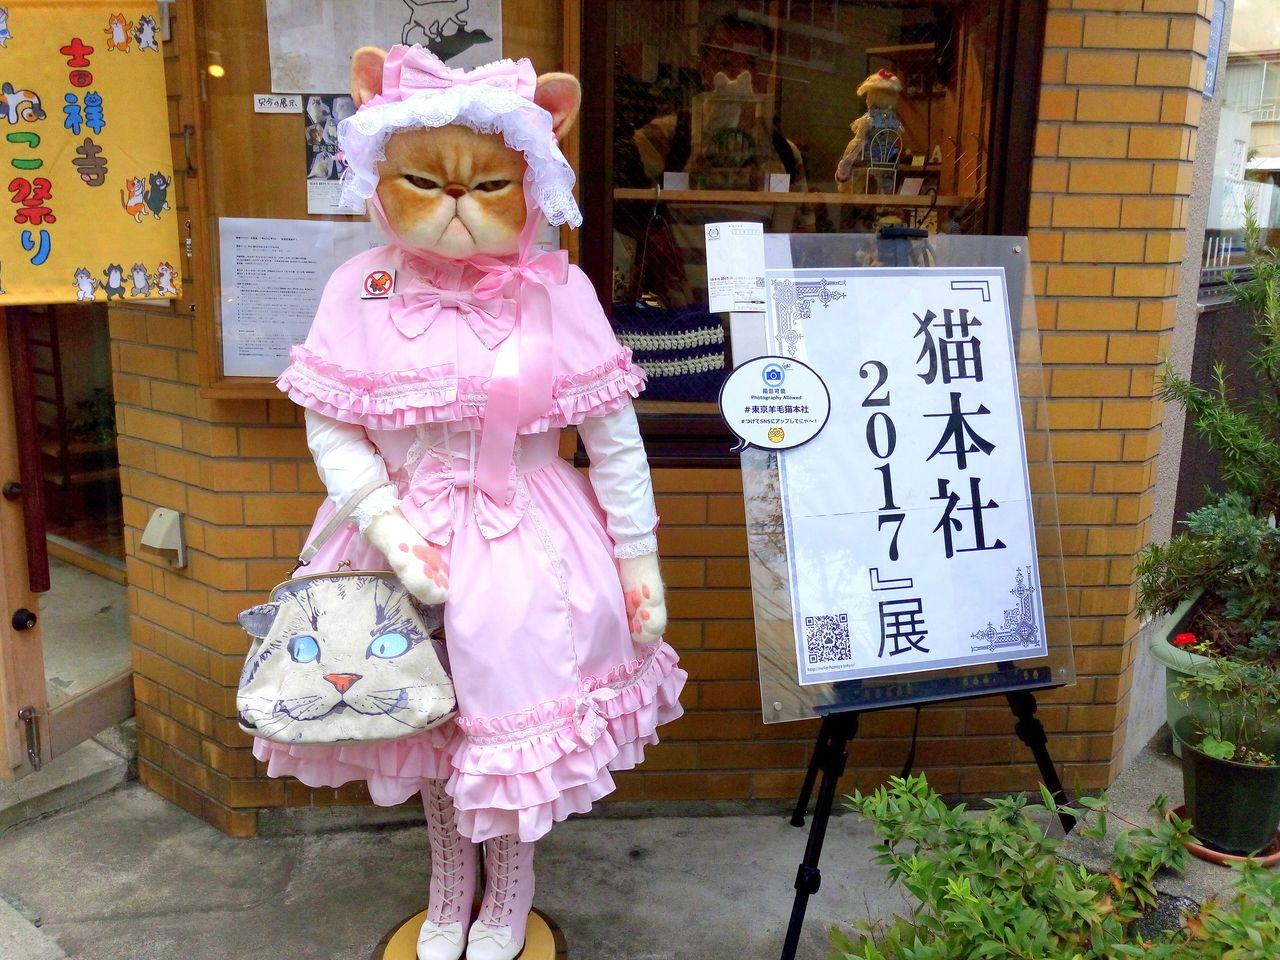 吉祥寺ねこ祭り、猫本社